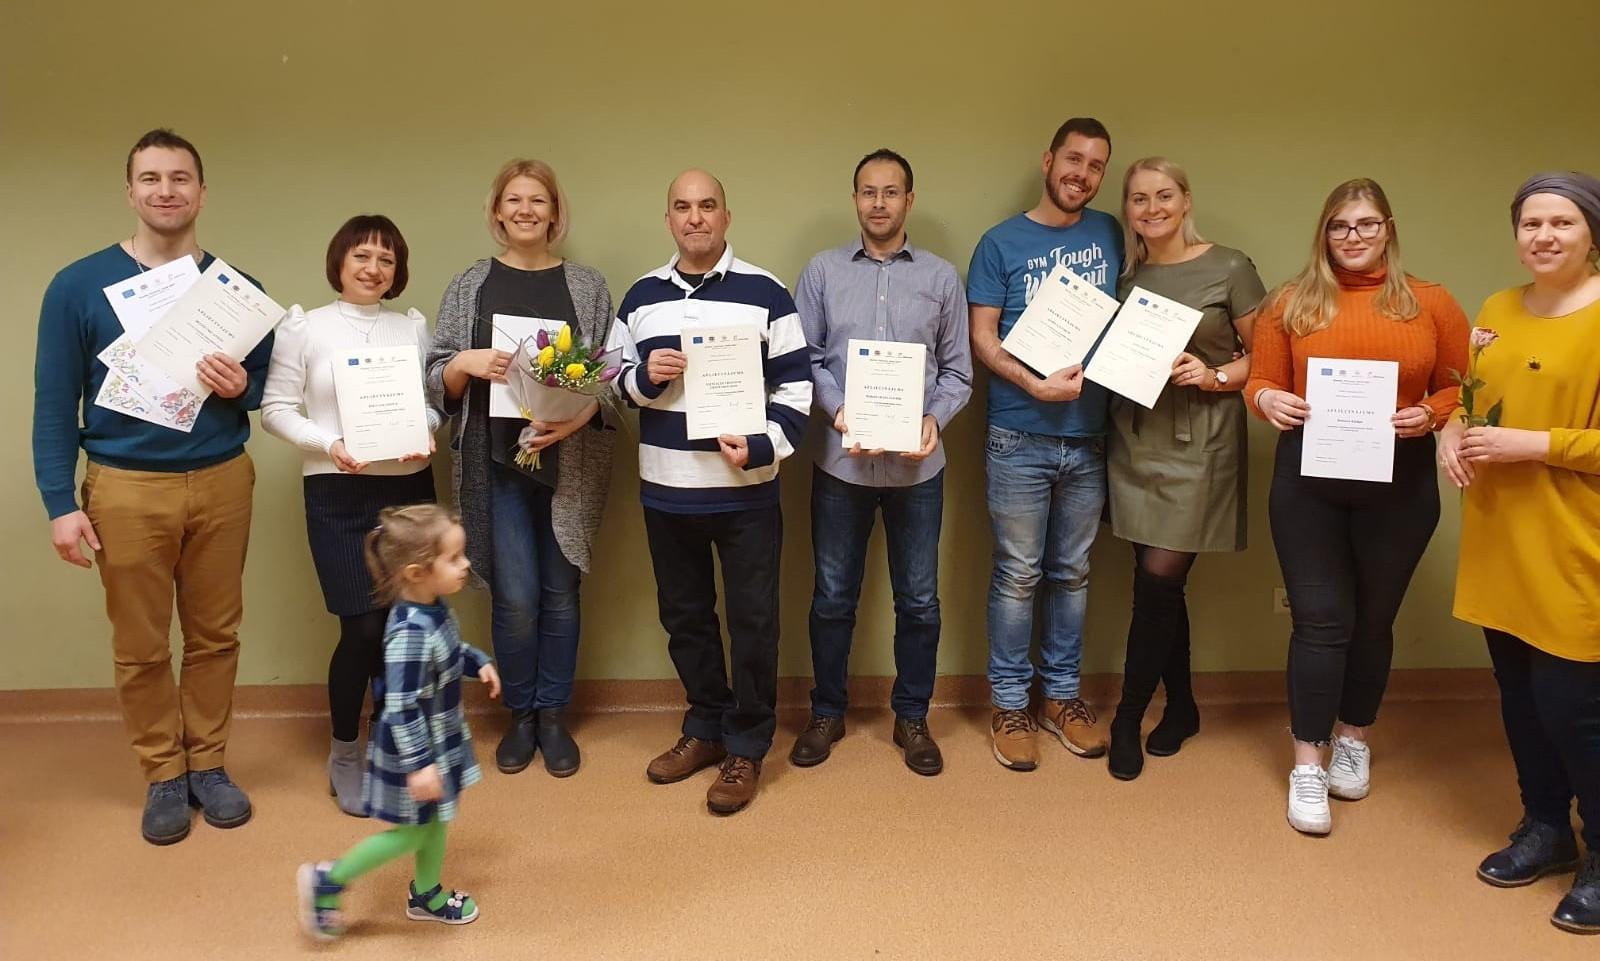 Latviešu sarunvalodas klubiņa Liepājā noslēguma pasākums | Patvērums Drošā Māja